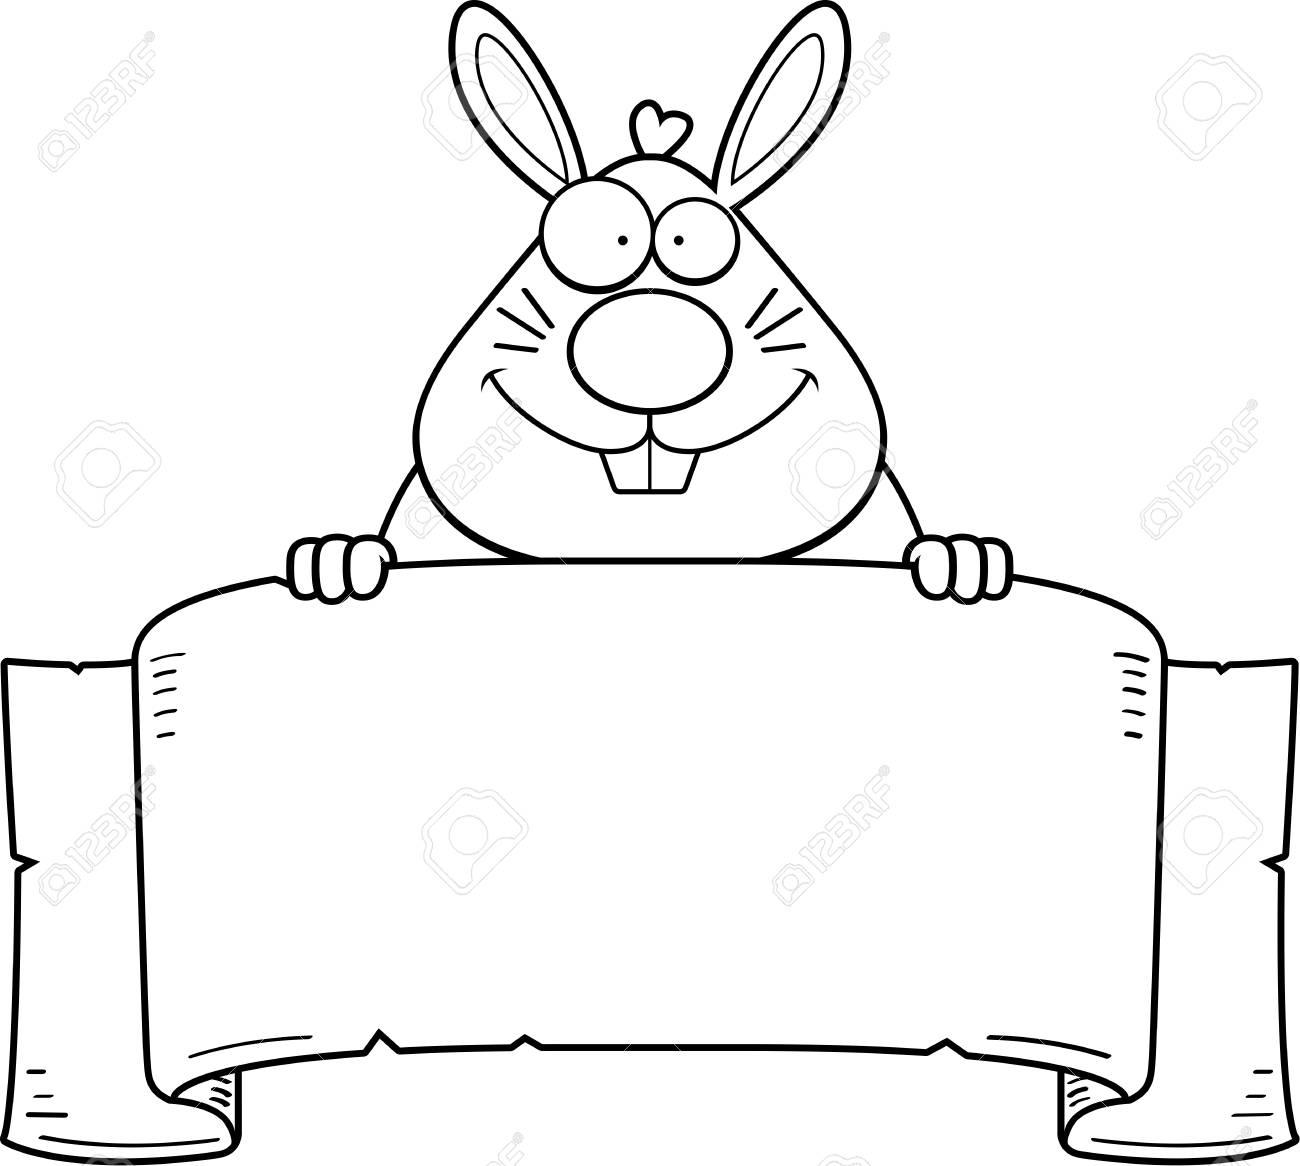 Une Illustration De Dessin Animé D Un Lapin Avec Une Bannière